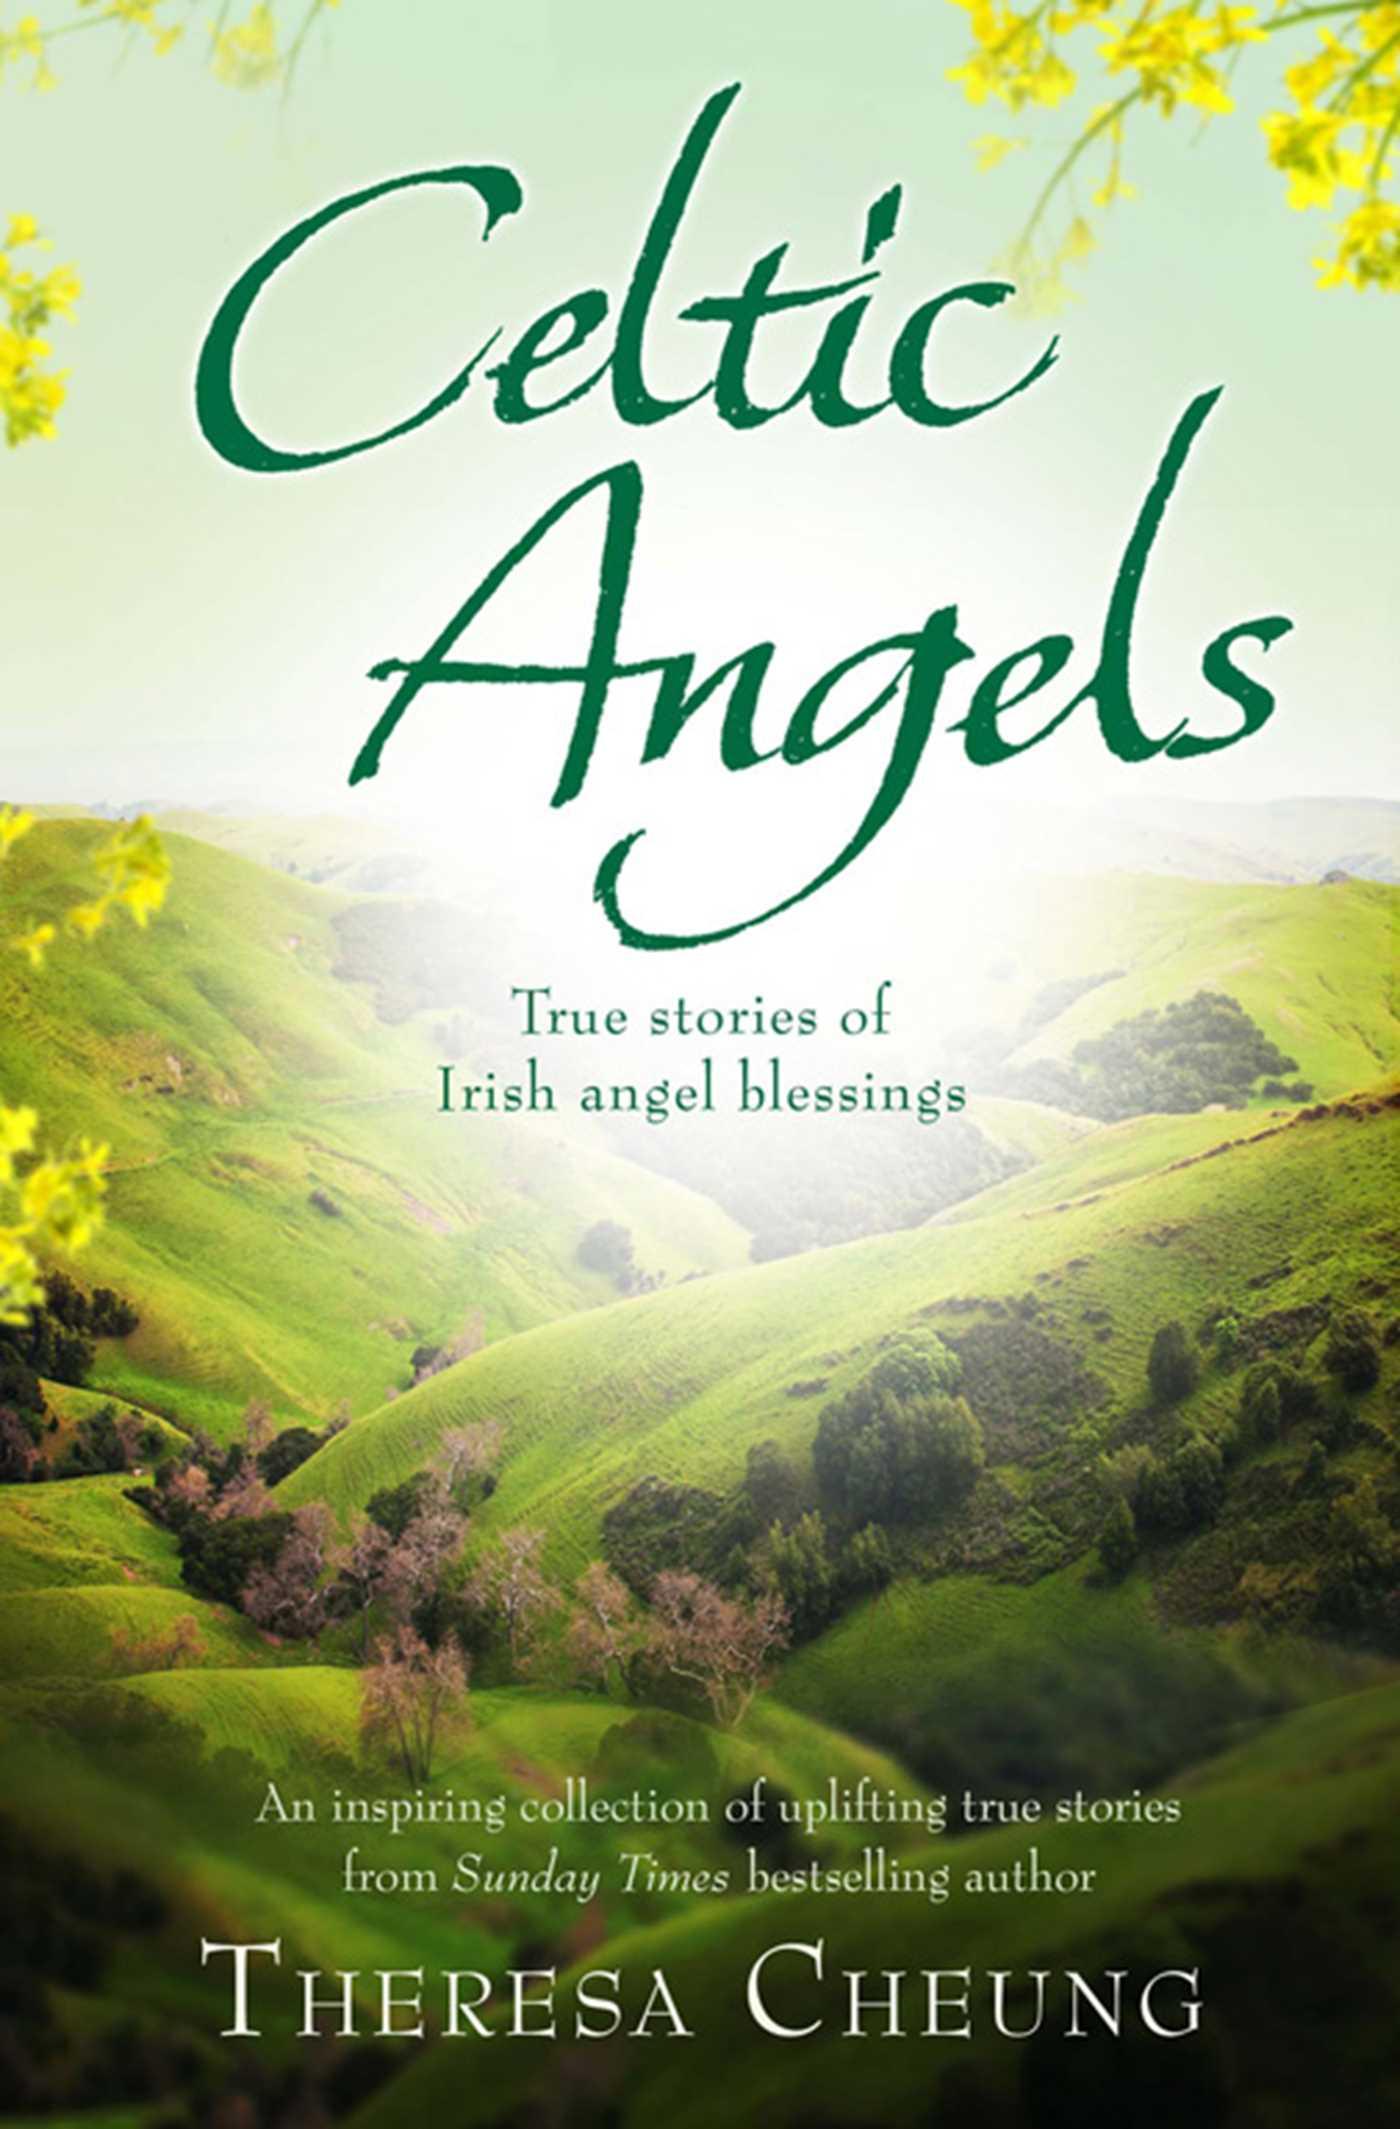 Celtic angels 9781849834841 hr